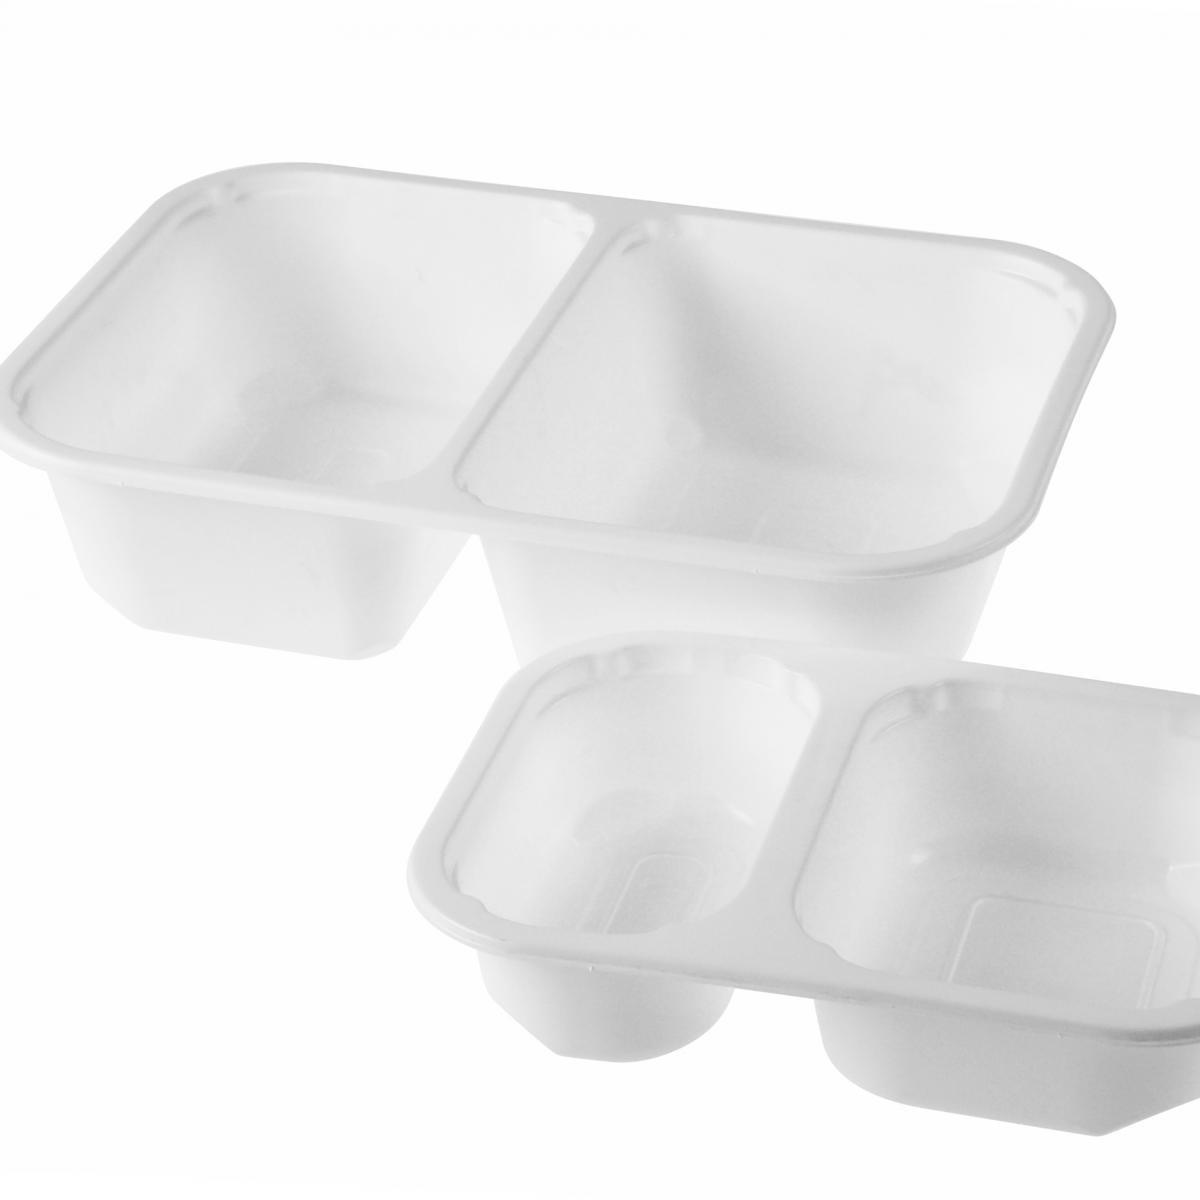 Menuschaal van plastic voor opslag voedsel